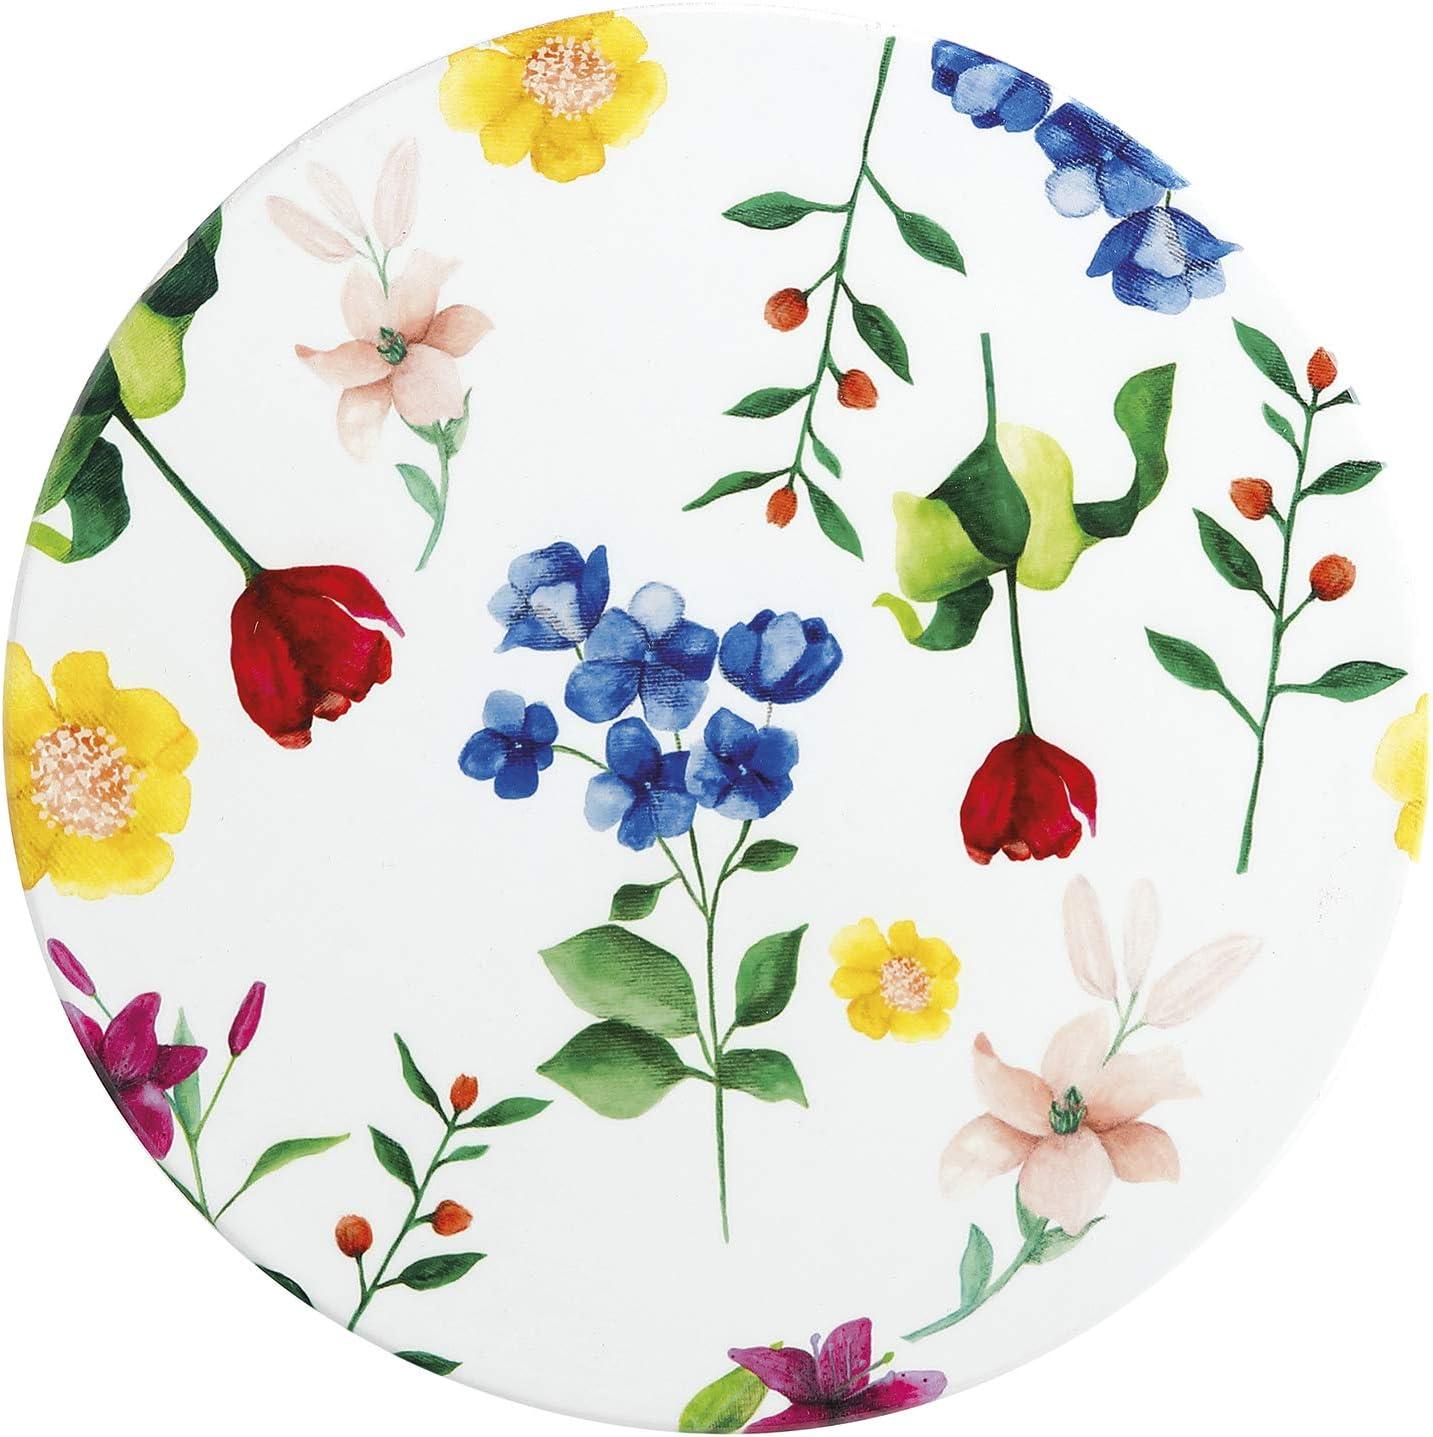 Compra Maxwell & Williams Teas & Cs Salvamanteles para cafetera/tetera, cerámica, Blanco en Amazon.es